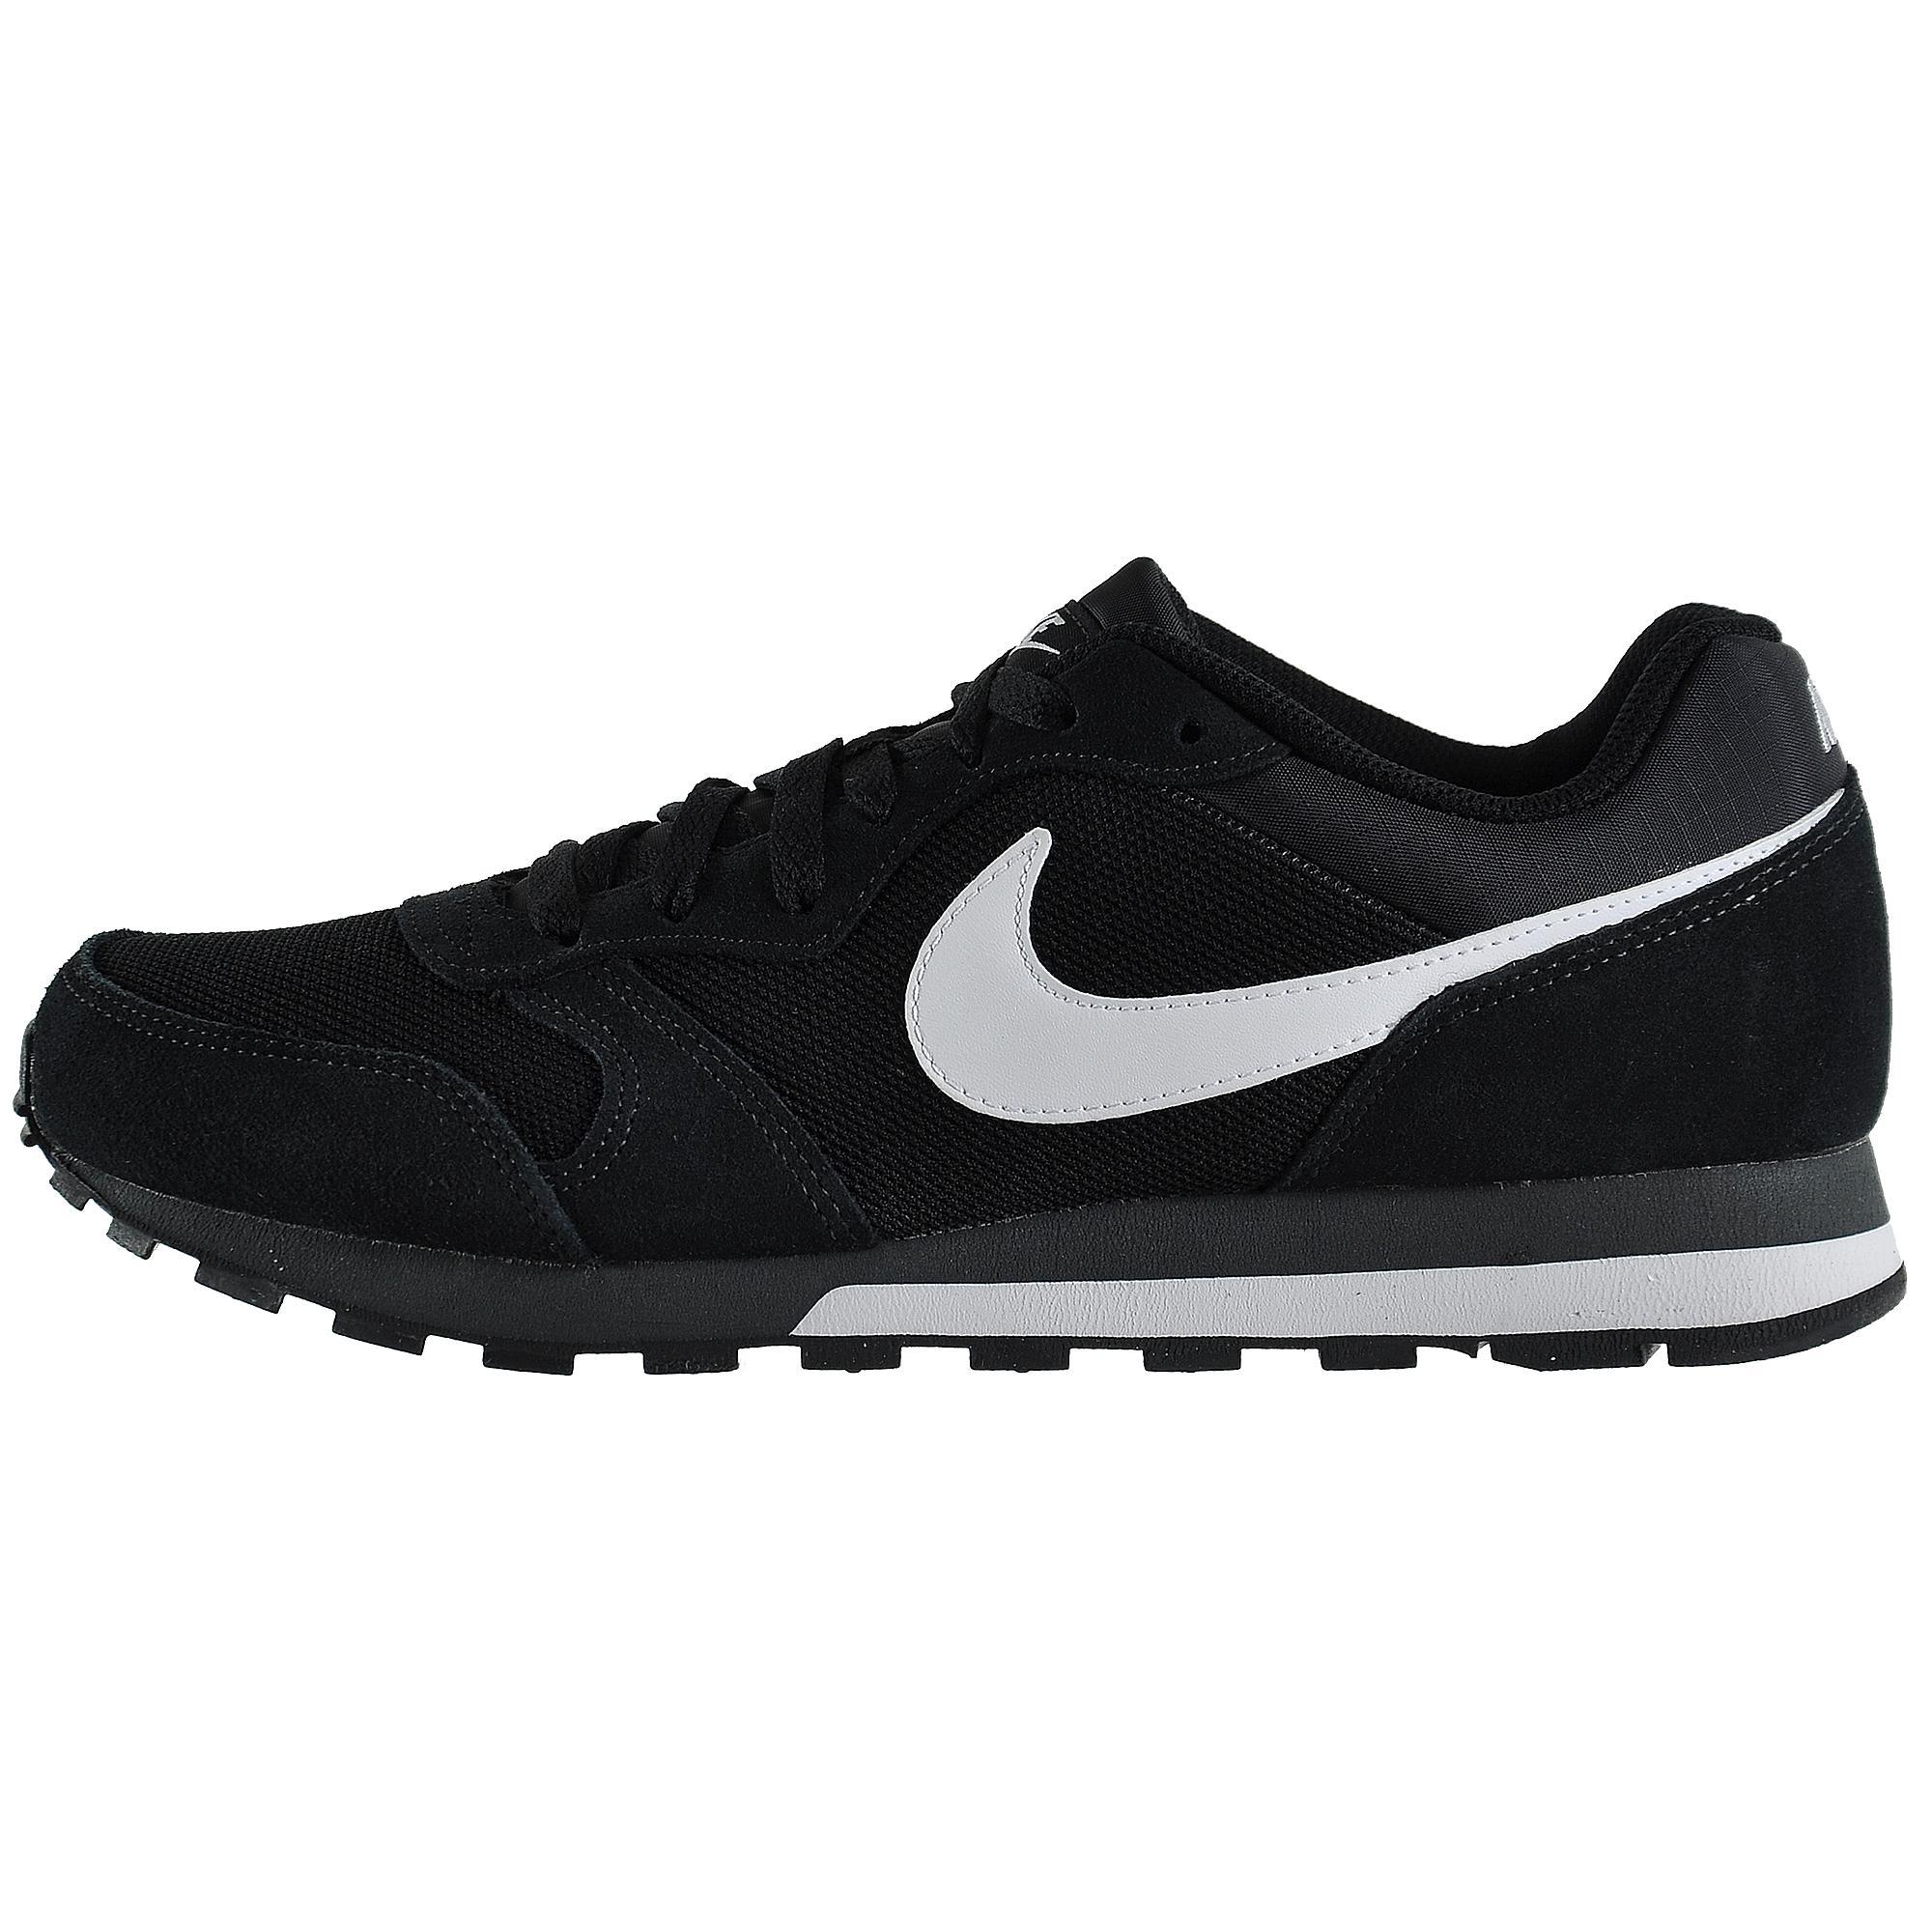 00f1bce0b3 Nike MD Runner 2 Erkek Spor Ayakkabı  749794-010 - Barcin.com